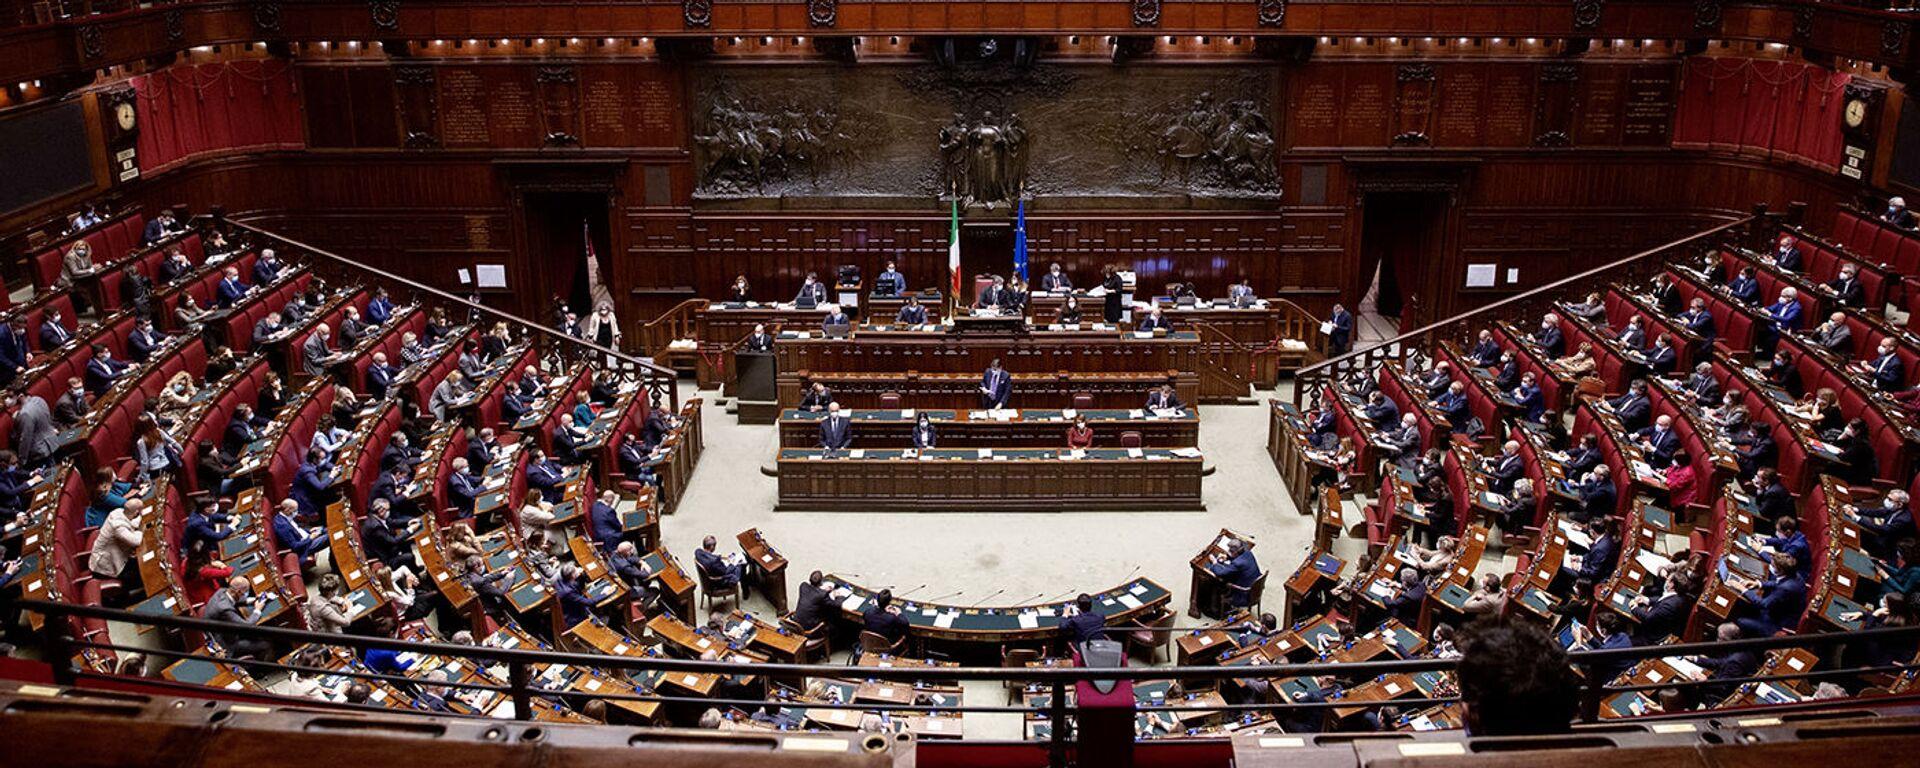 Camera dei Deputati, 02/11/2020 - L'aula nel corso delle comunicazioni del Presidente Conte.  - Sputnik Italia, 1920, 14.07.2021